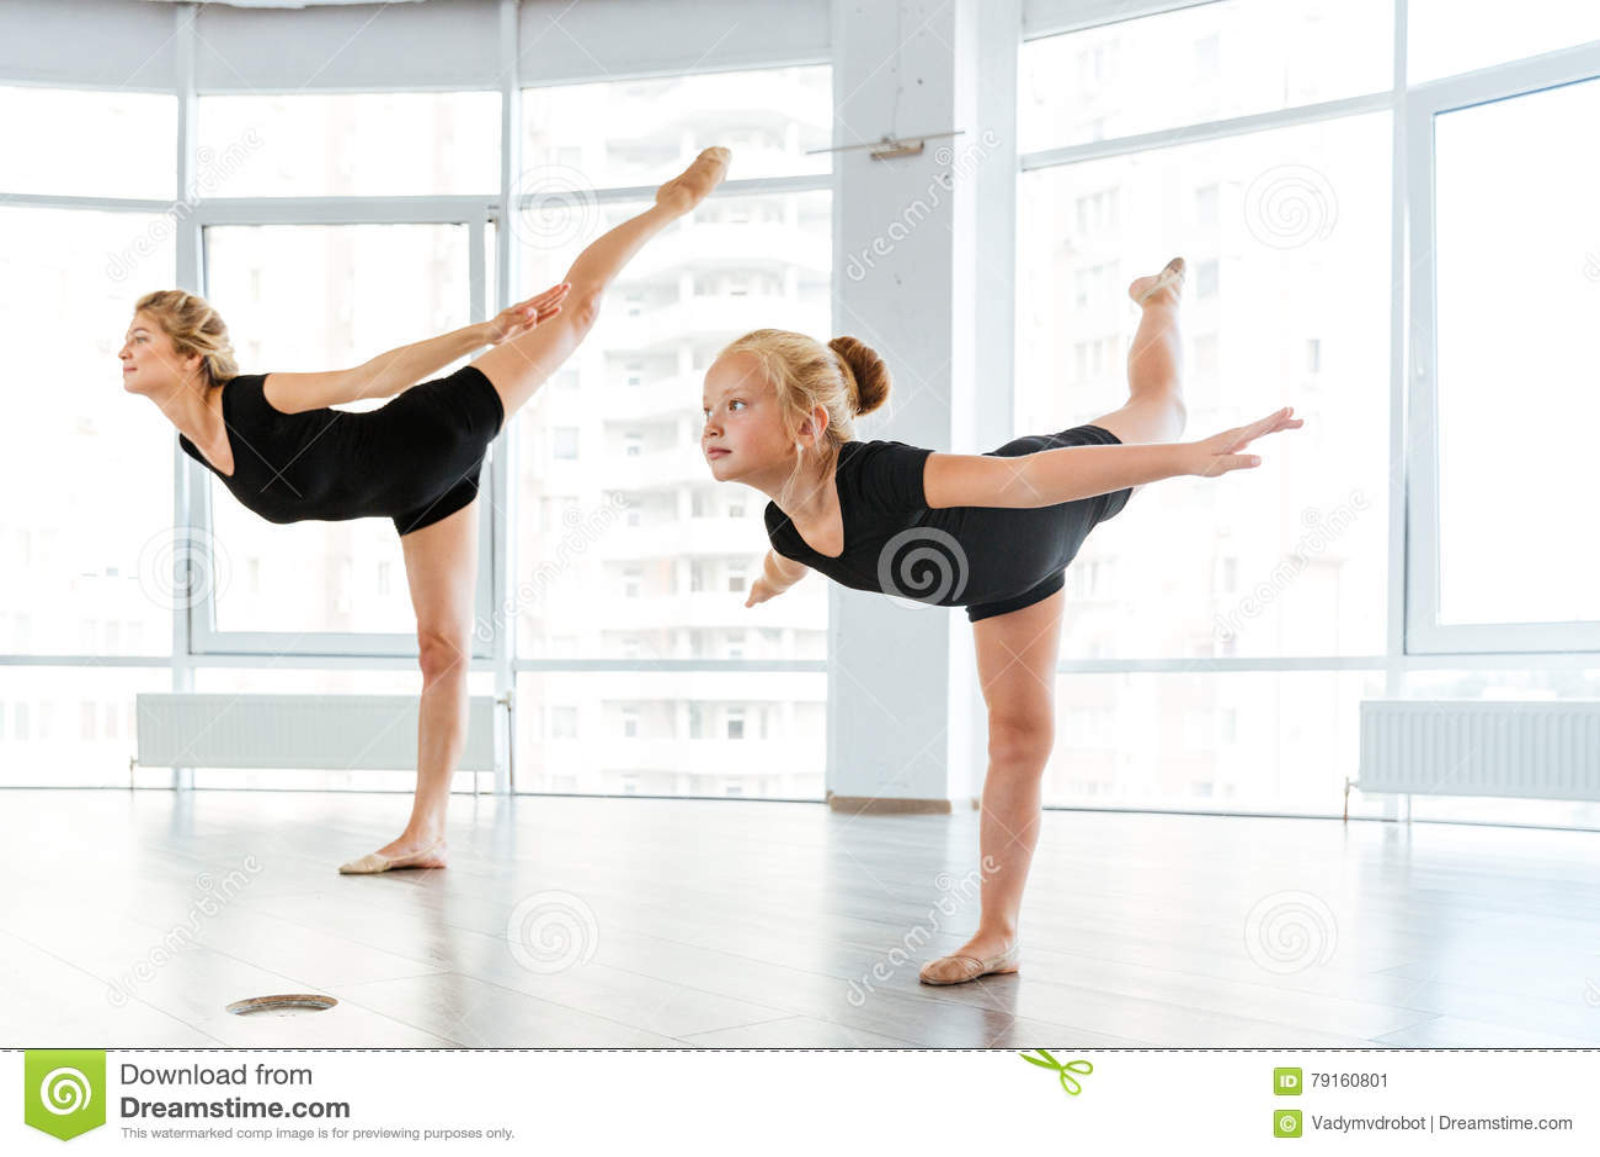 Woman And Little Girl Ballerina Dancing In Ballet School ...